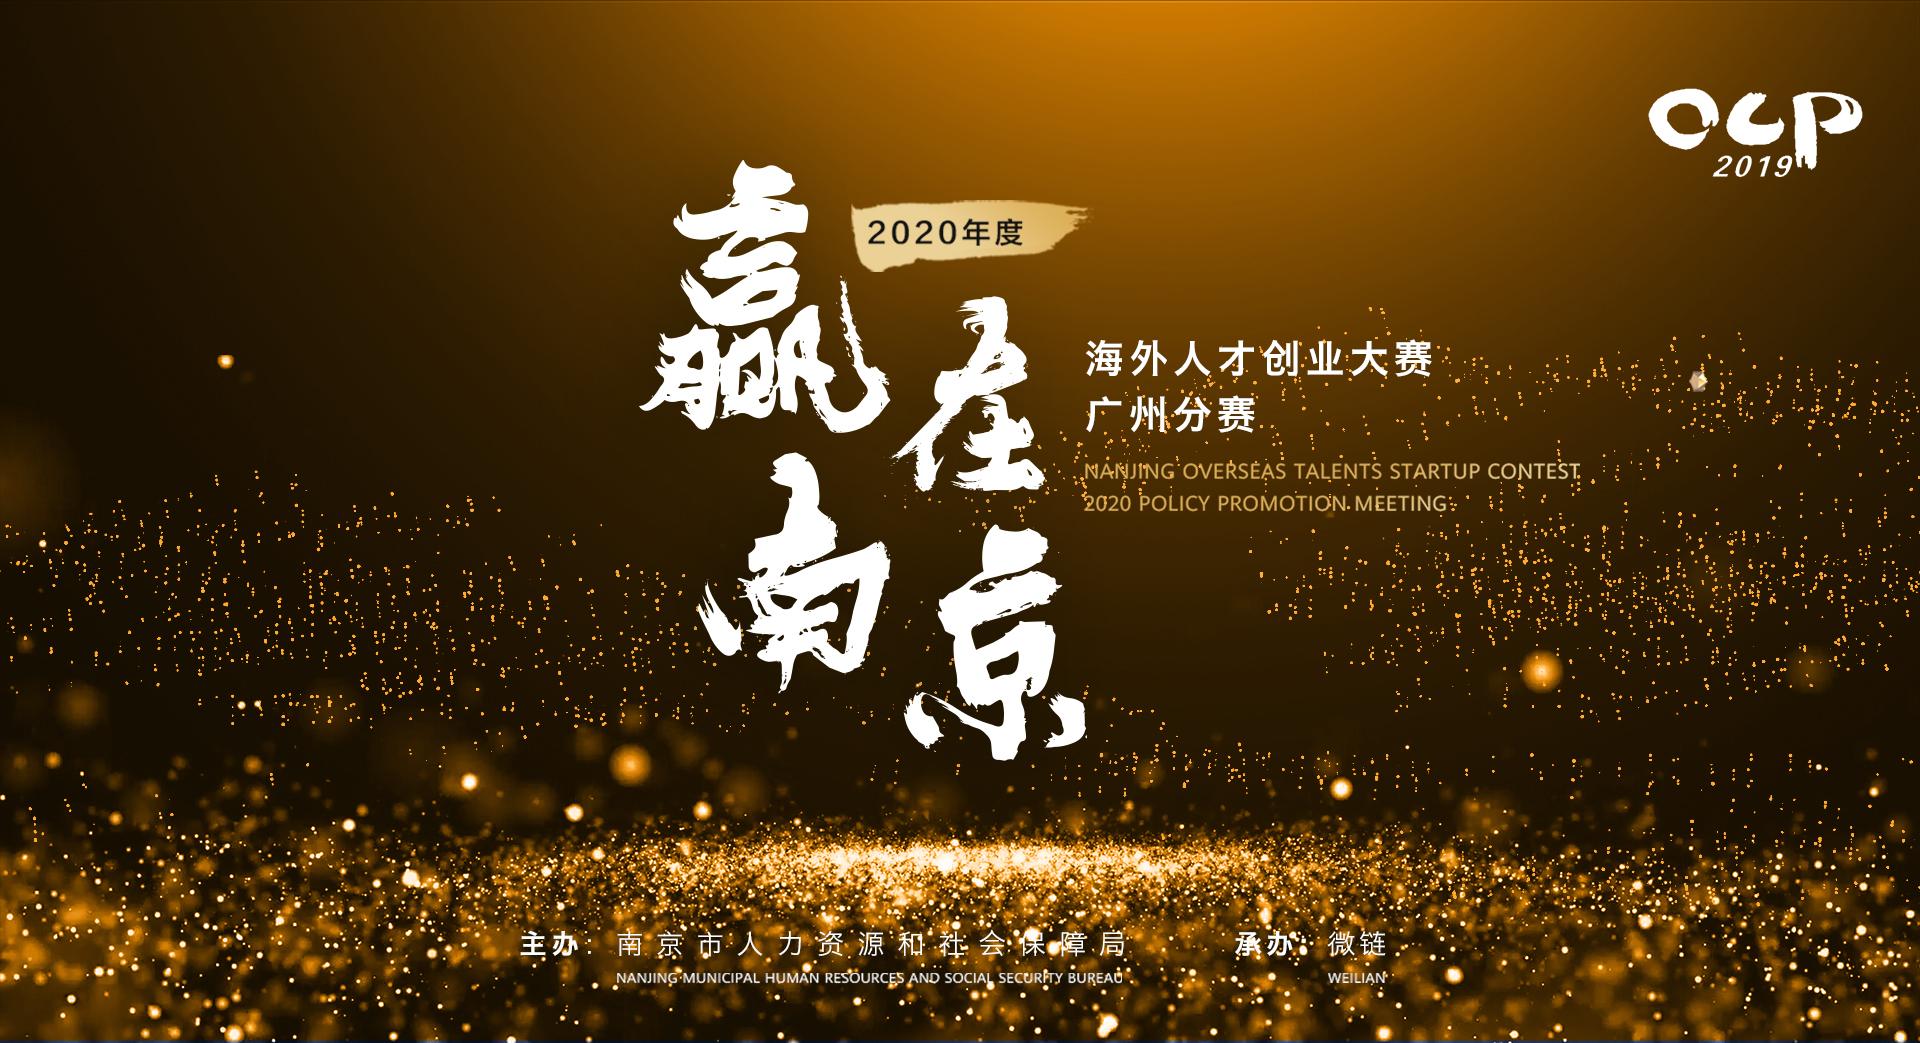 """2020""""赢在南京""""海外人才创业大赛广州分赛即将举办"""